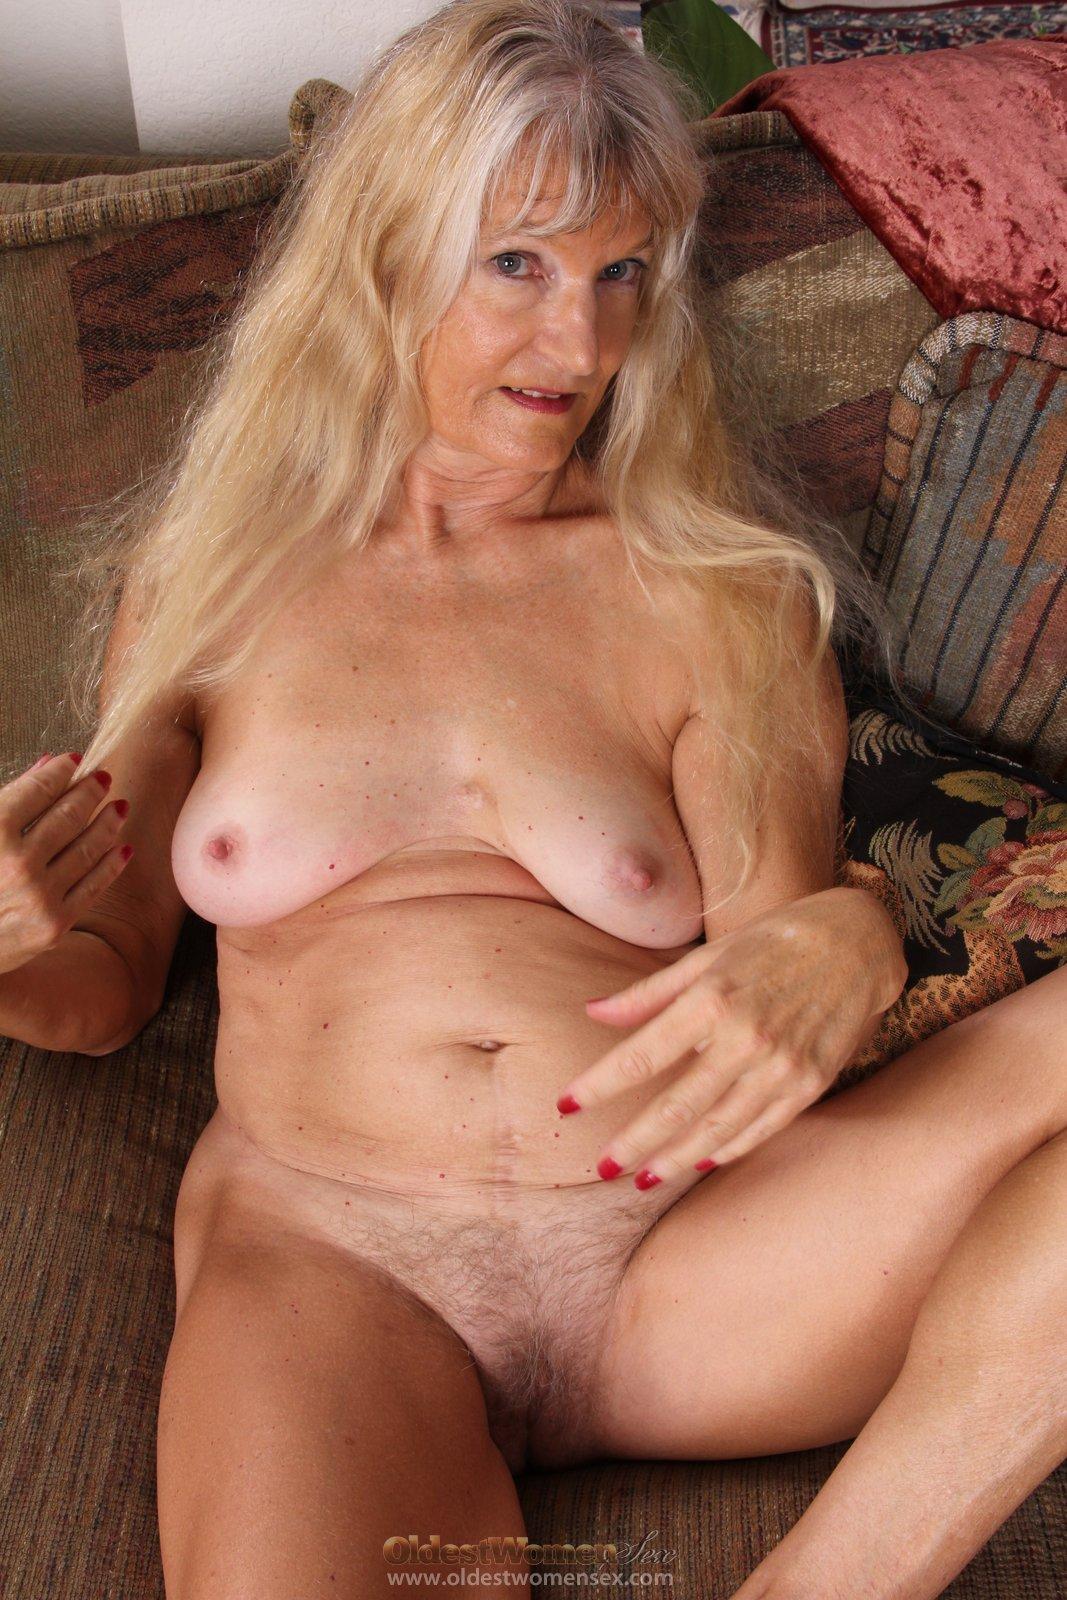 Grannies hot pussy pics